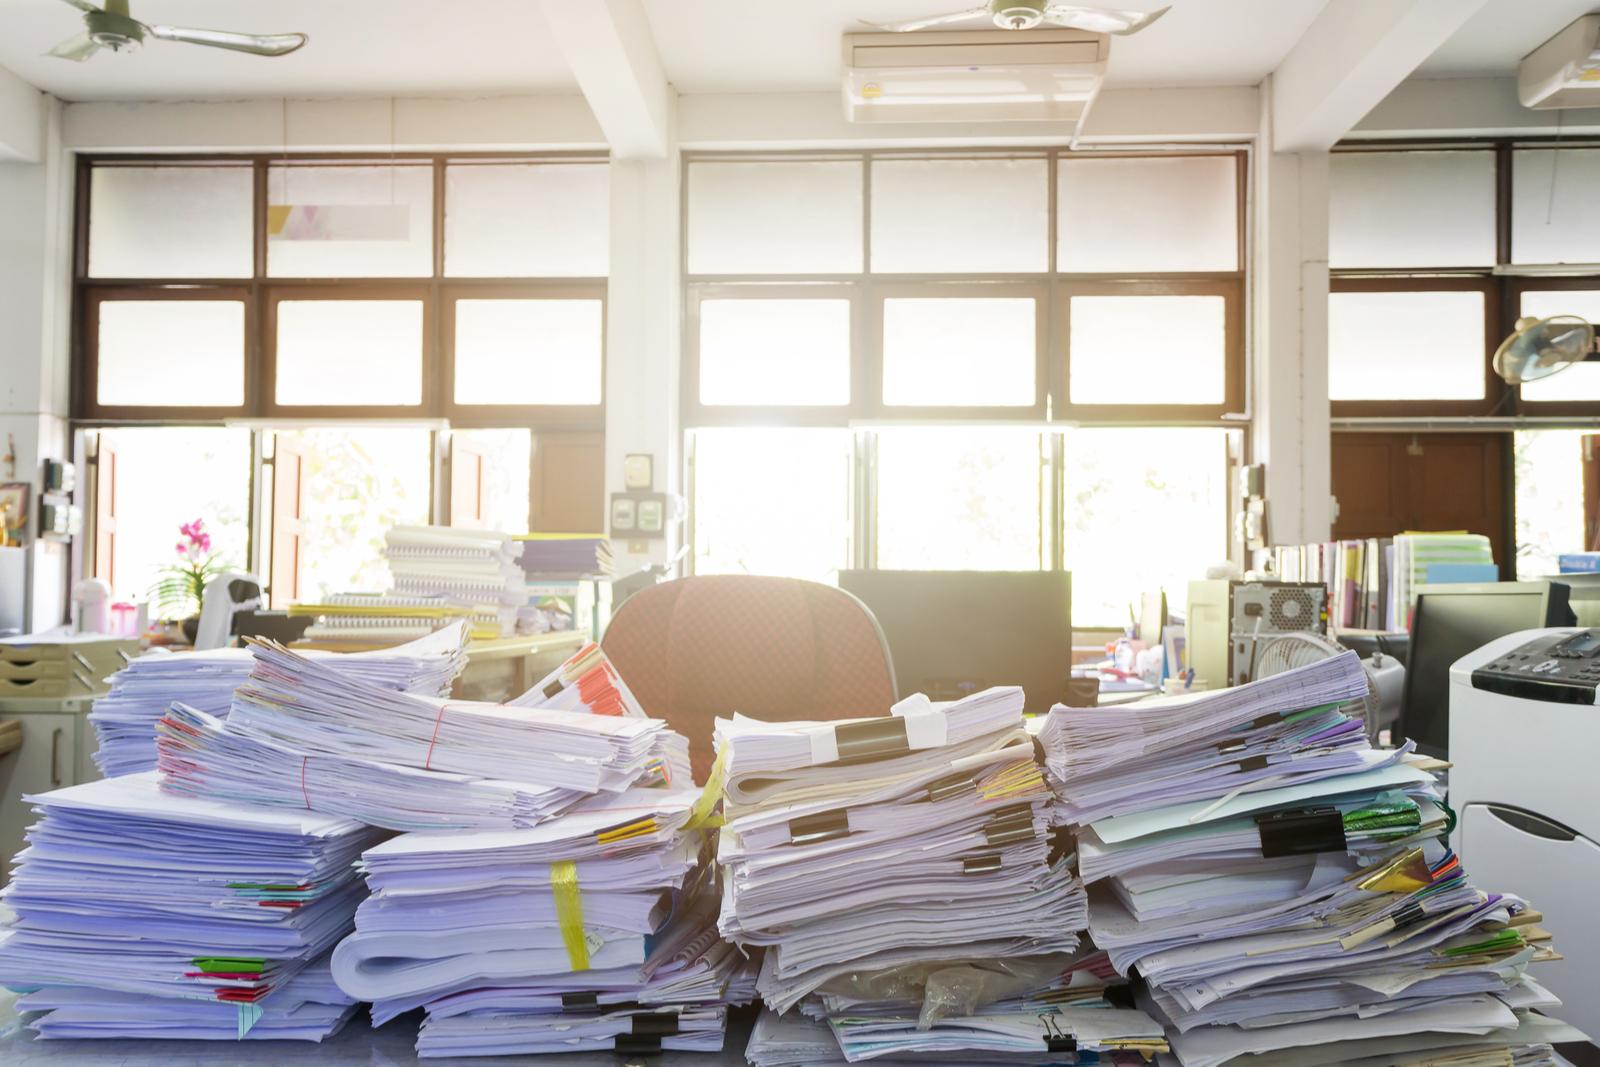 качественного удаления стол с бумагами картинки непростых условиях сегодняшнего